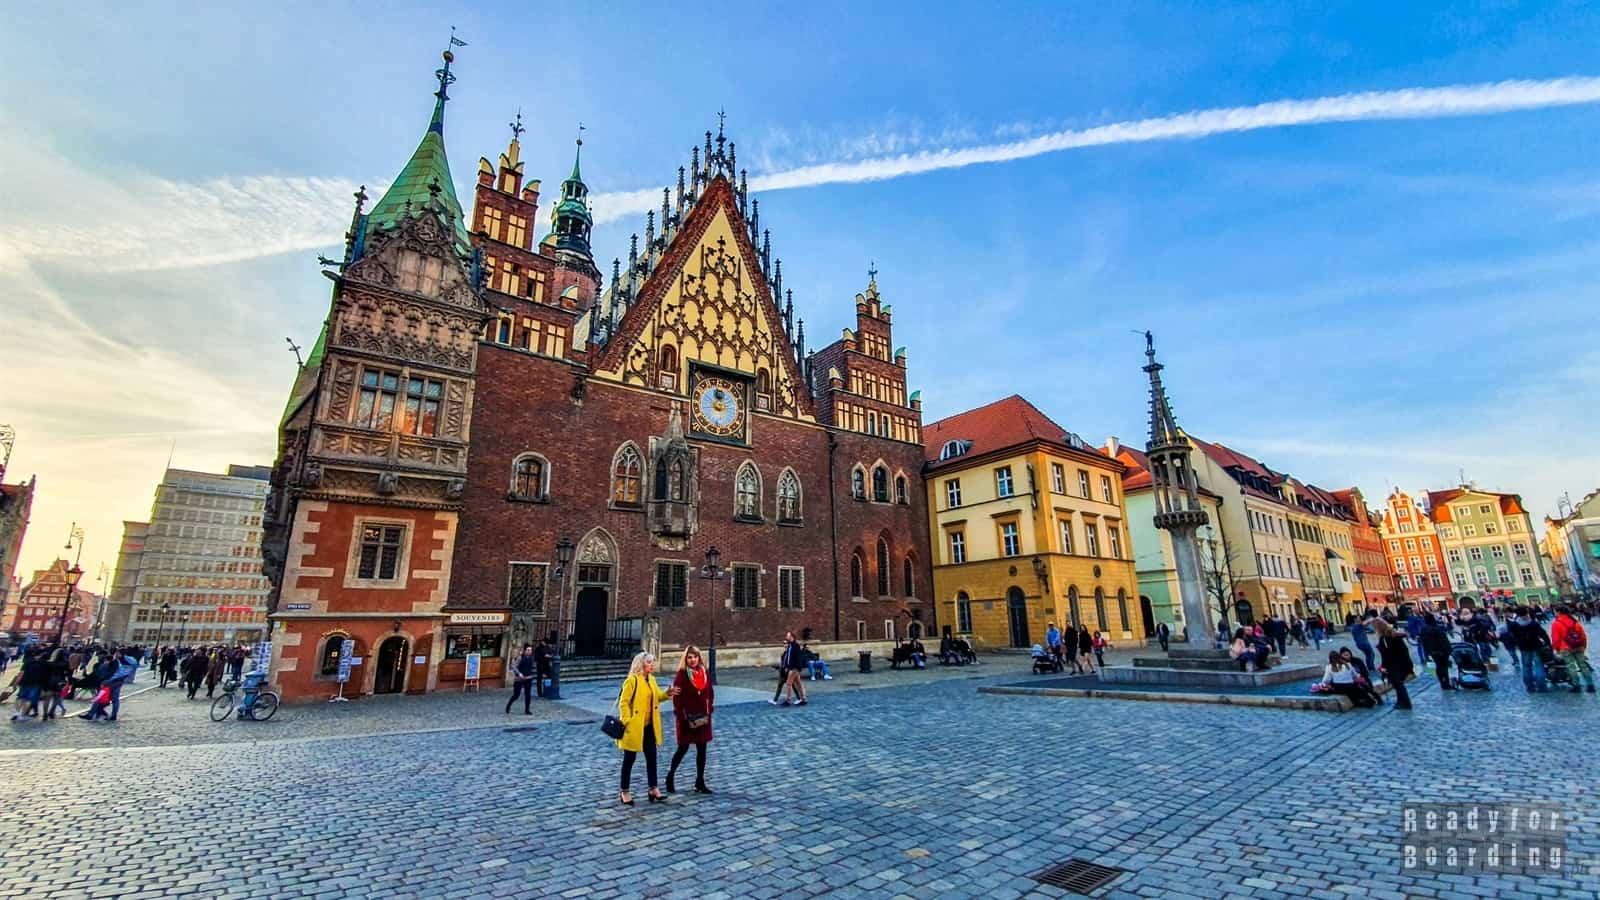 Rodzinny weekend we Wrocławiu (galeria zdjęć)